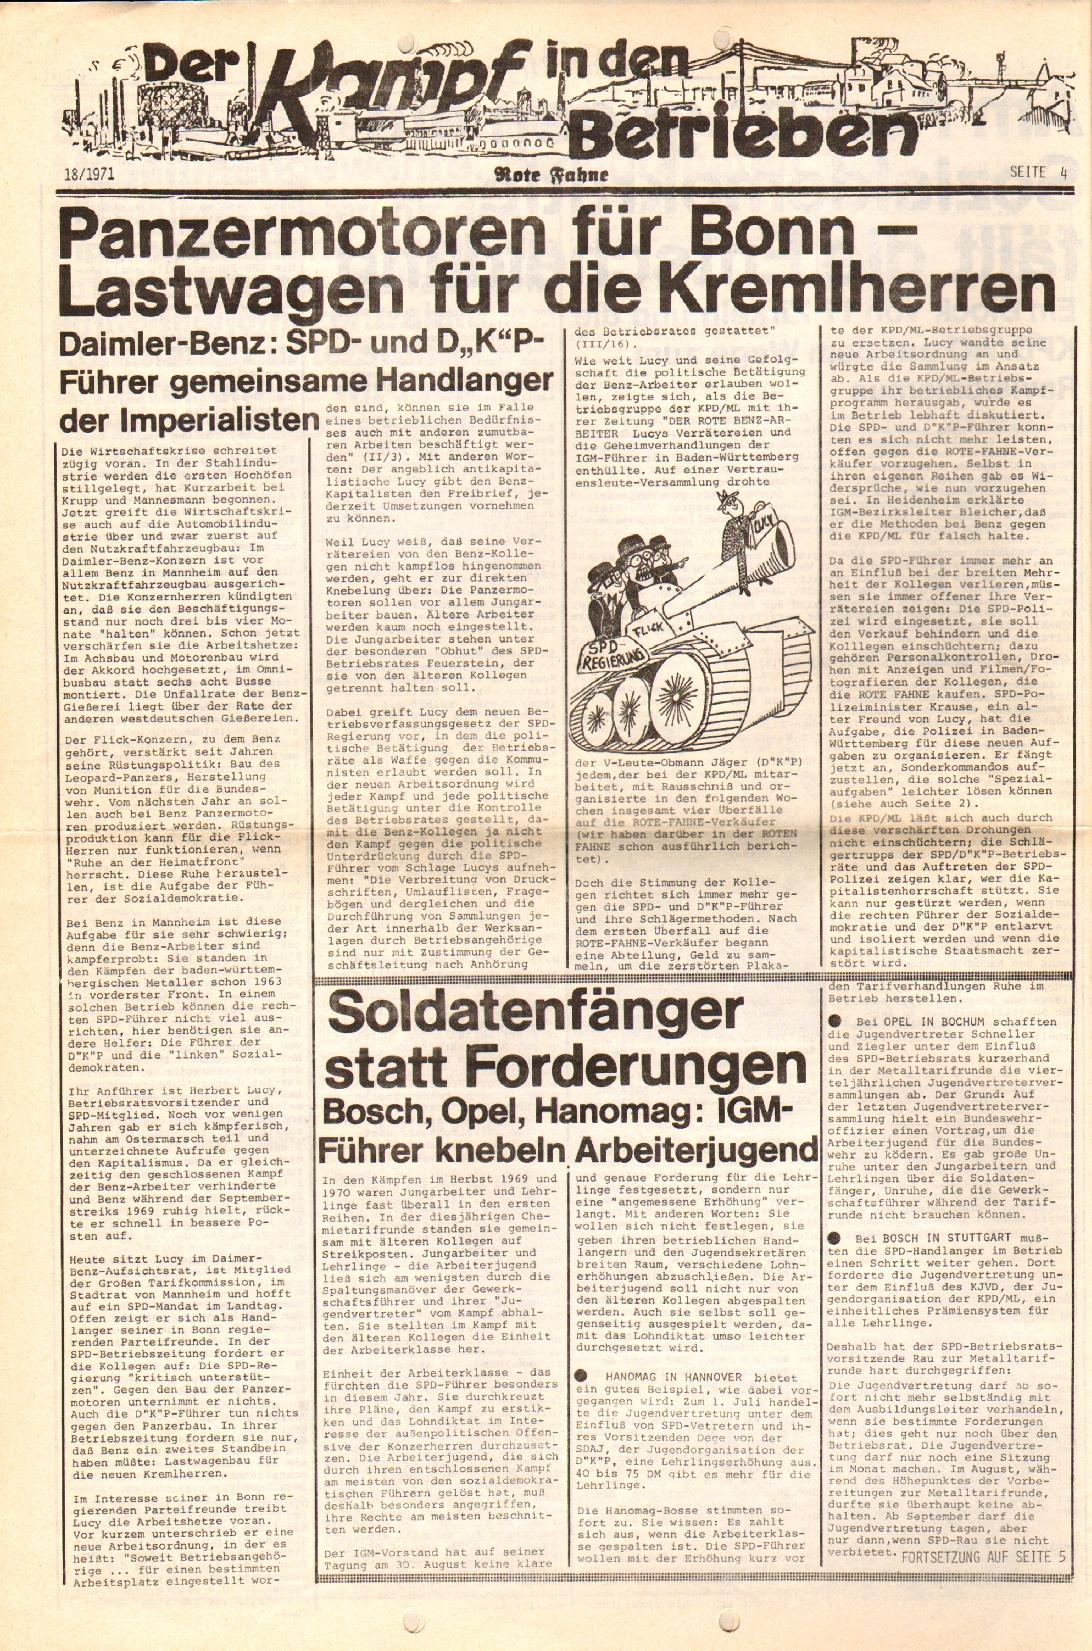 Rote Fahne, 2. Jg., 13.9.1971, Nr. 18, Seite 4